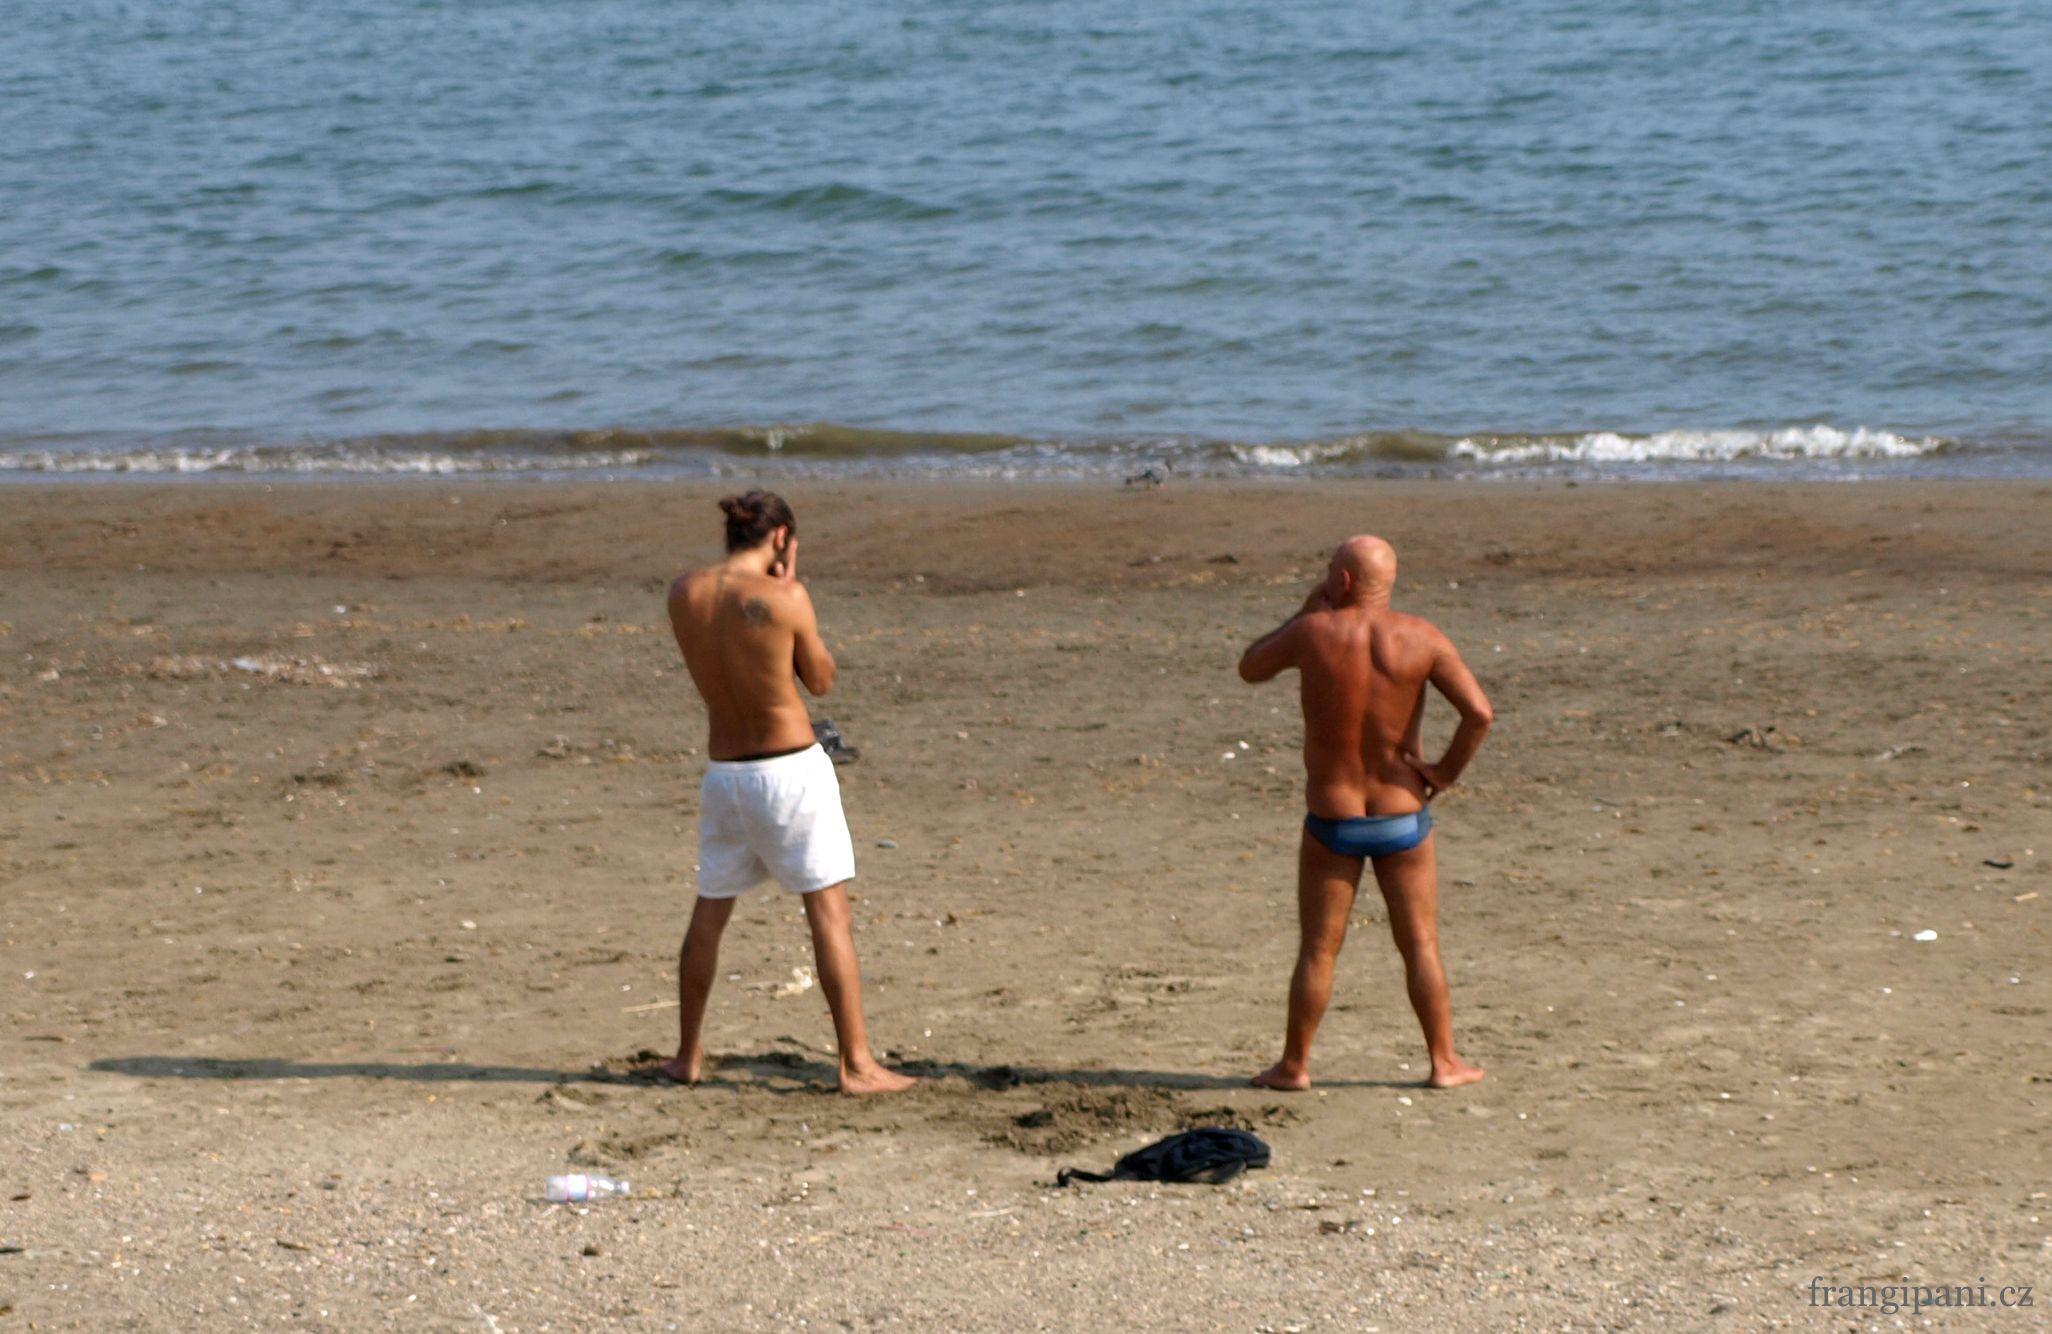 """Původně jsem fotila téma """"opálení lidé na pláži"""". Až při bližším prohlédnutí jsem zjistila, že to jsou manželé Armaniovi. Zřejmě."""